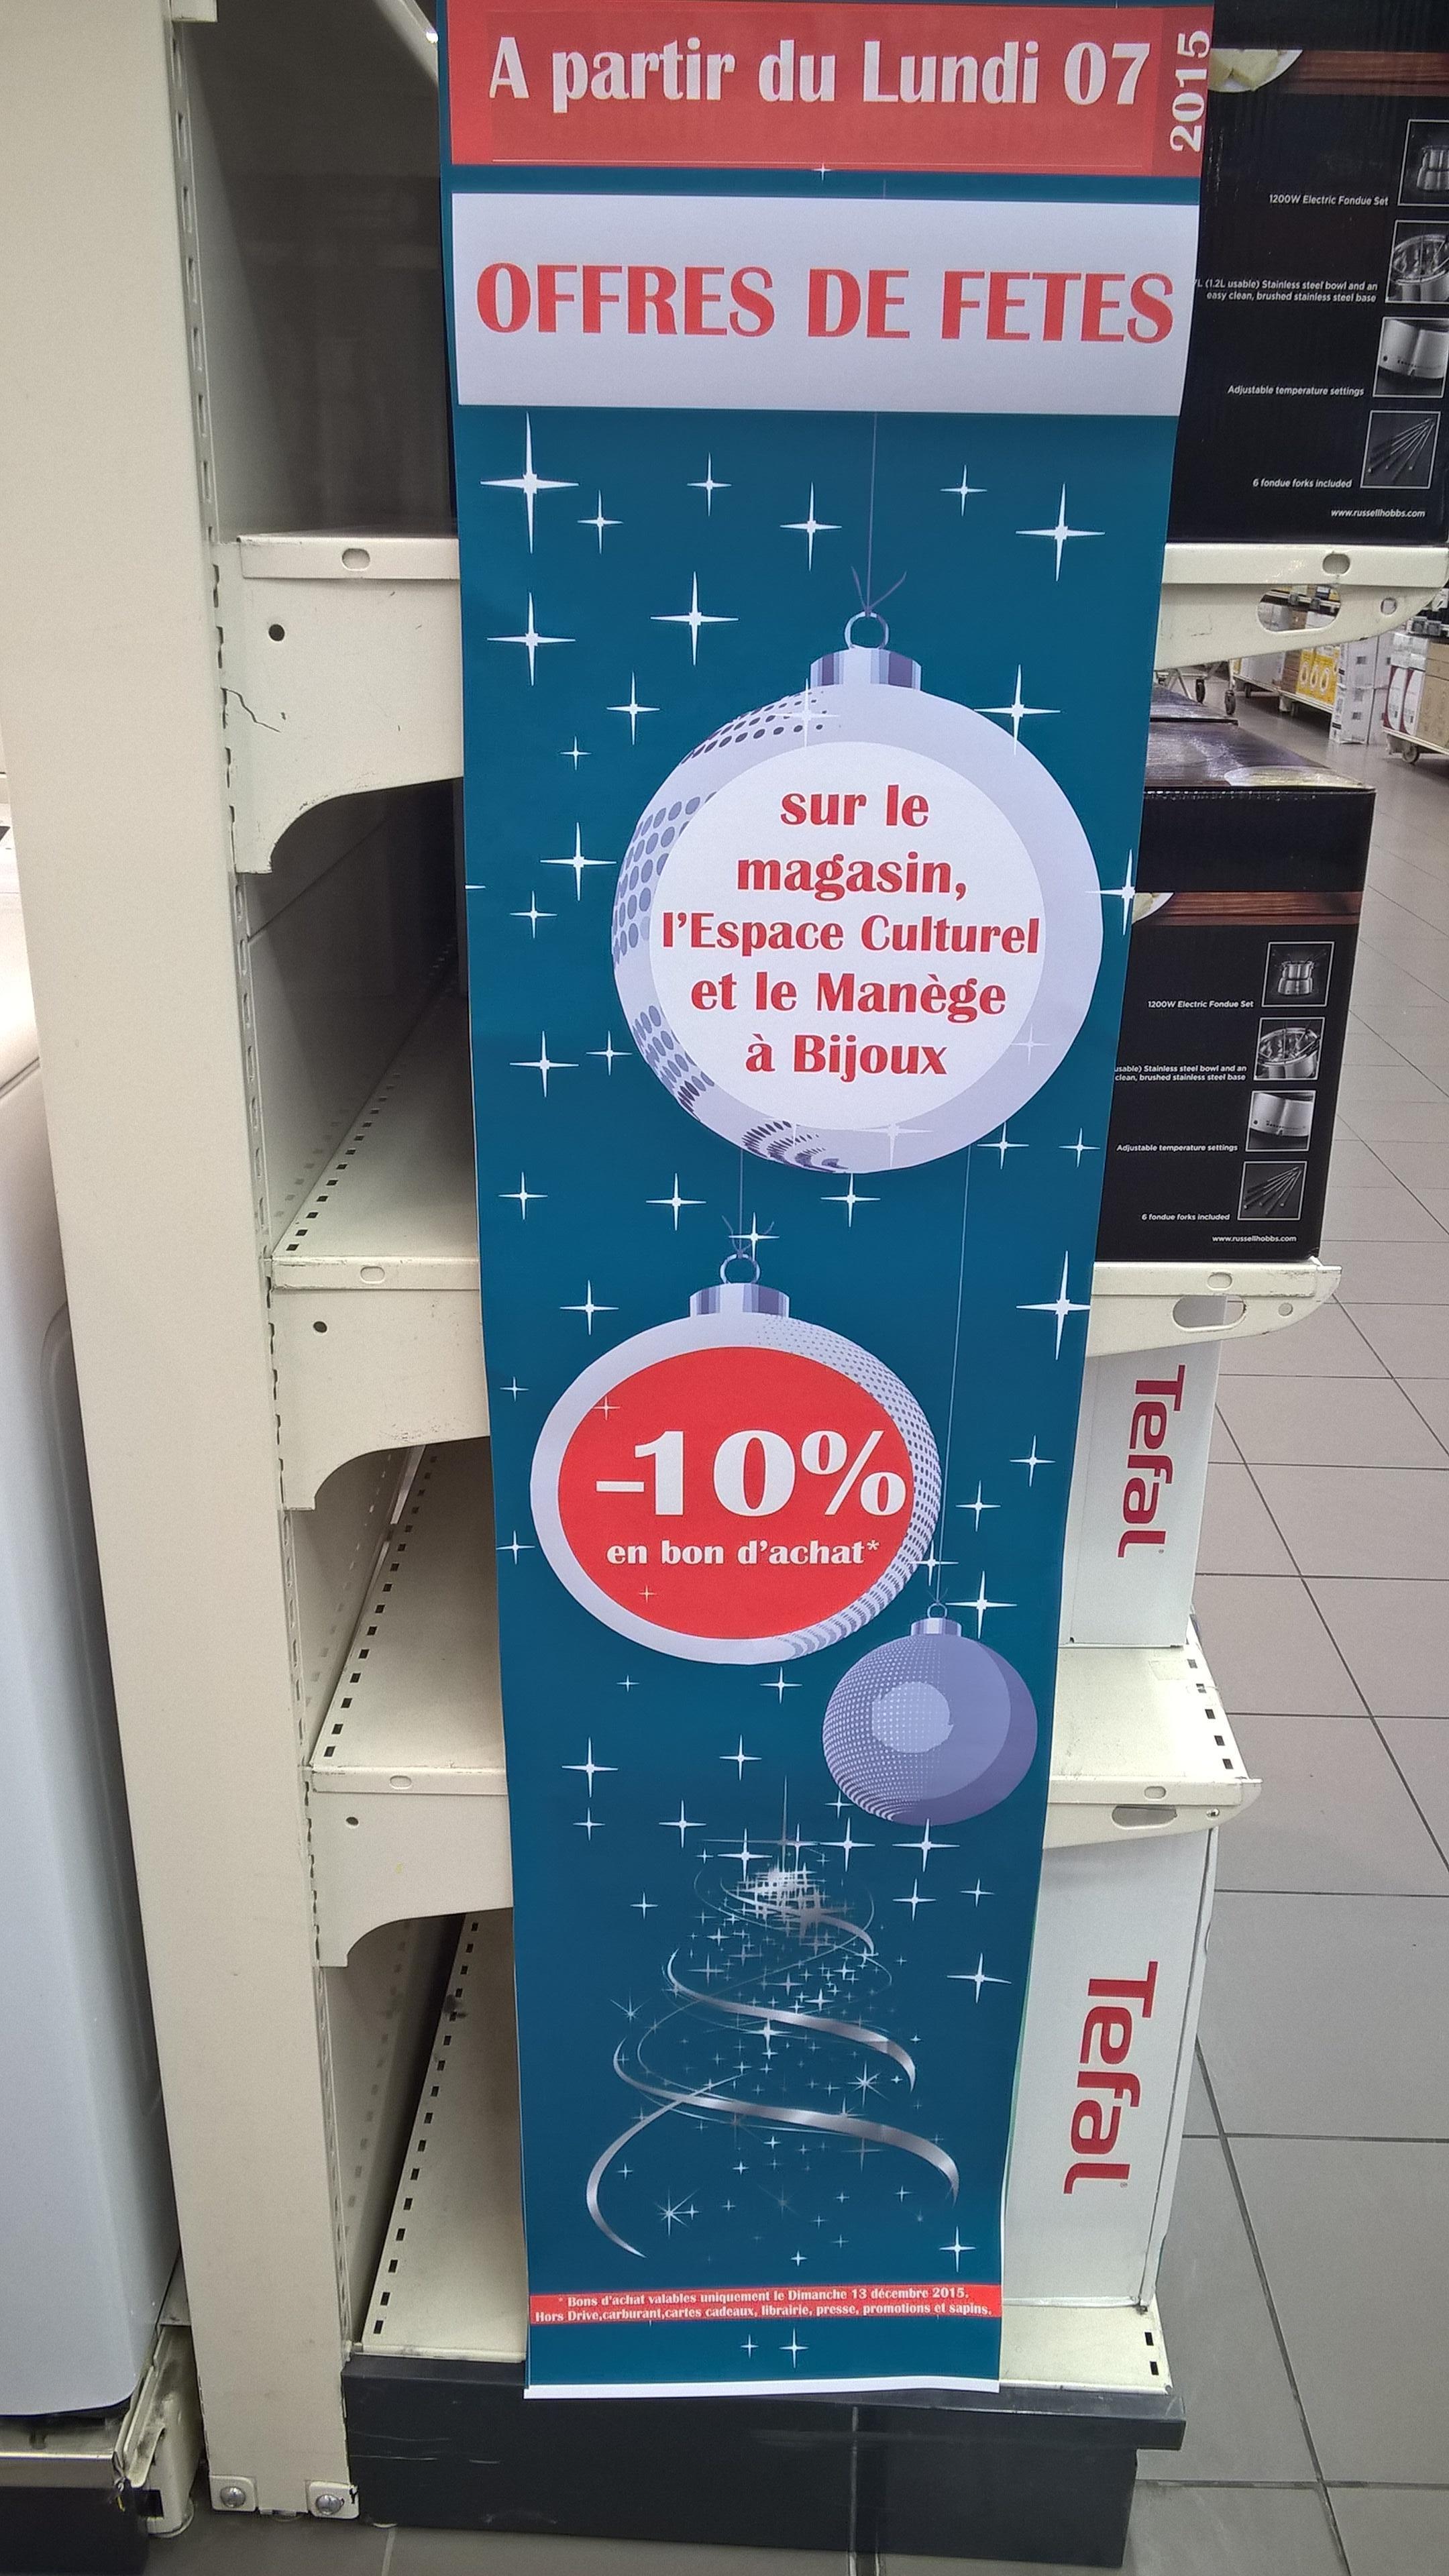 10% de réduction en bon d'achat